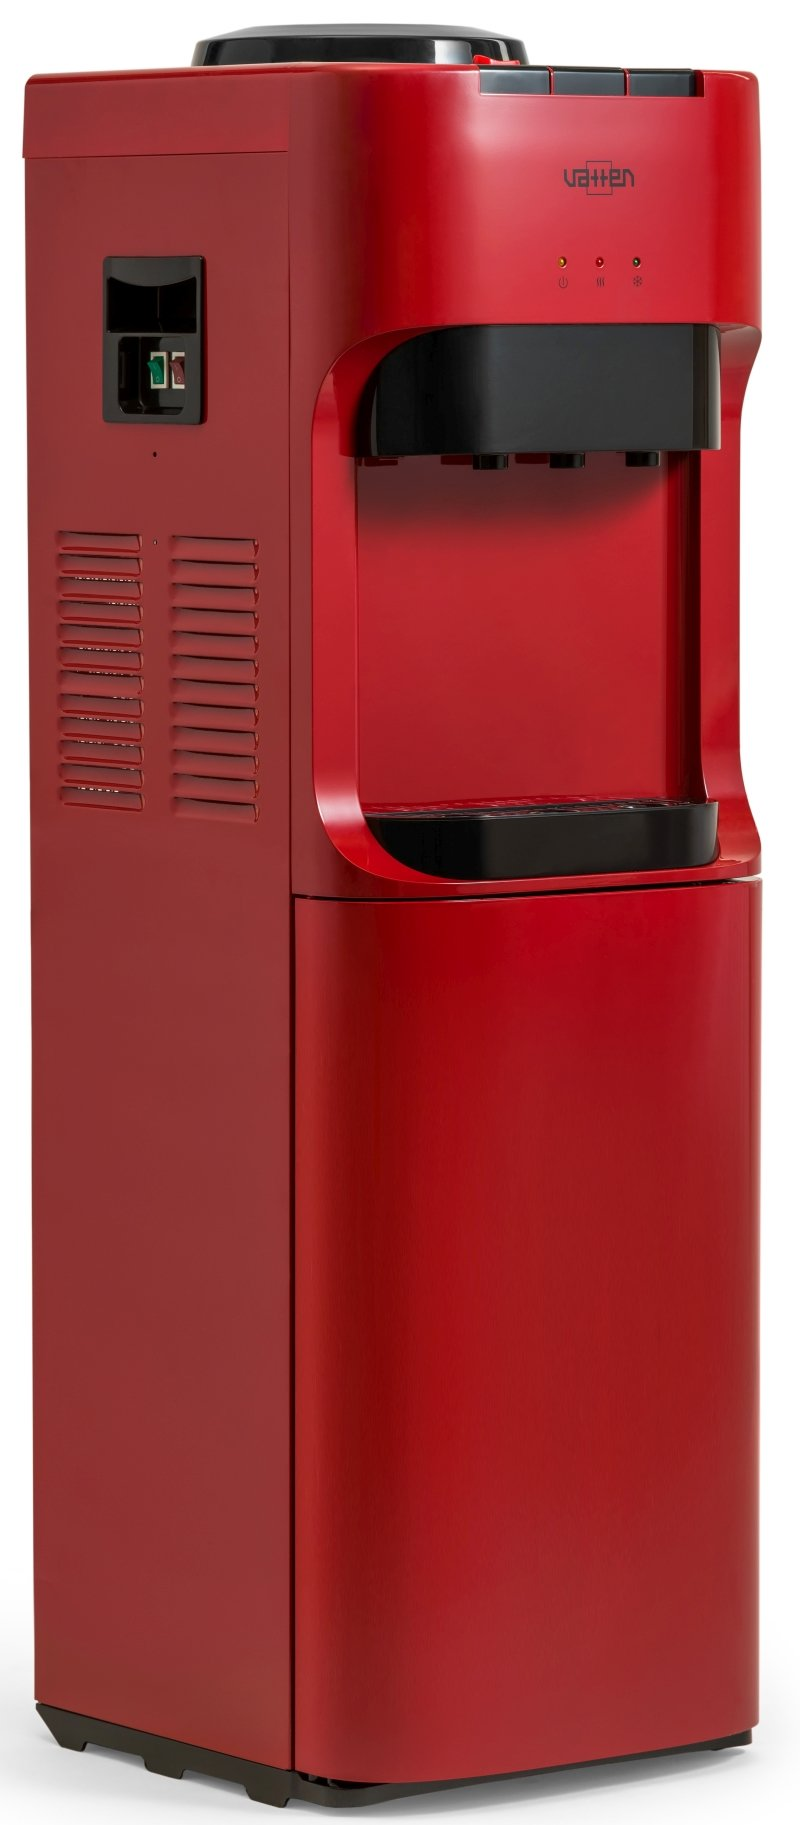 Кулер для воды Vatten V45RK напольный, с нагревом и охлаждением